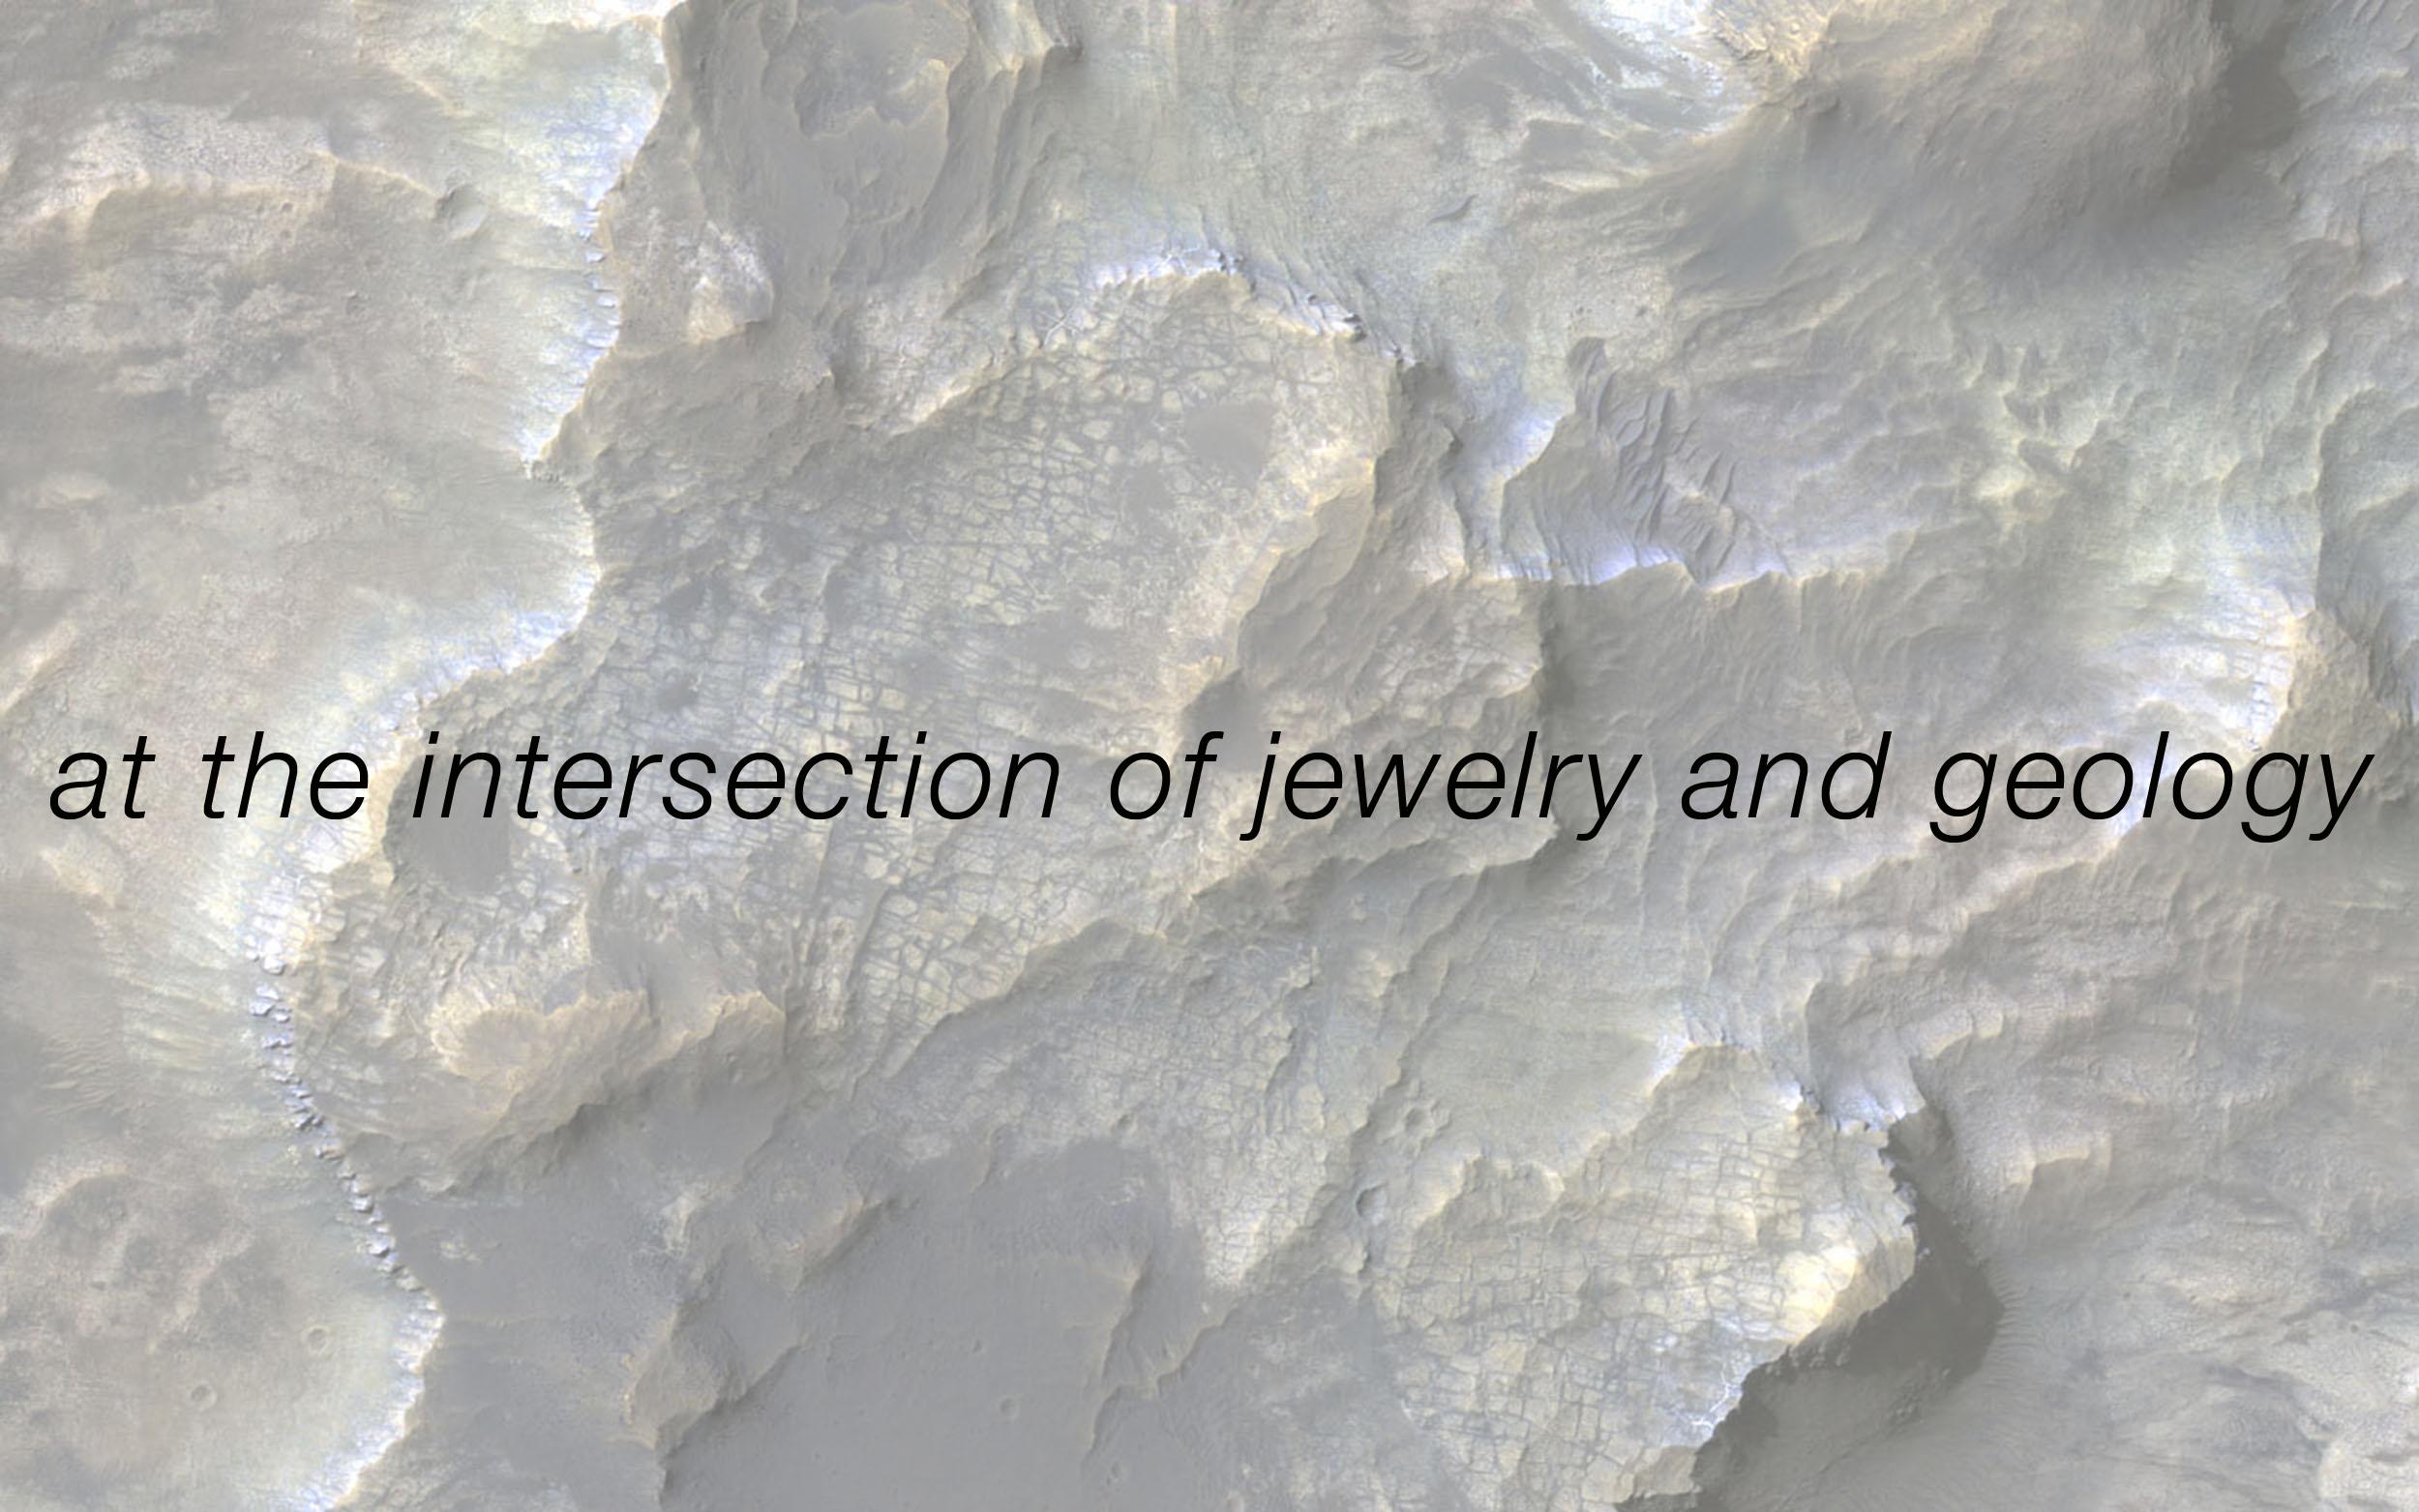 Geowelry